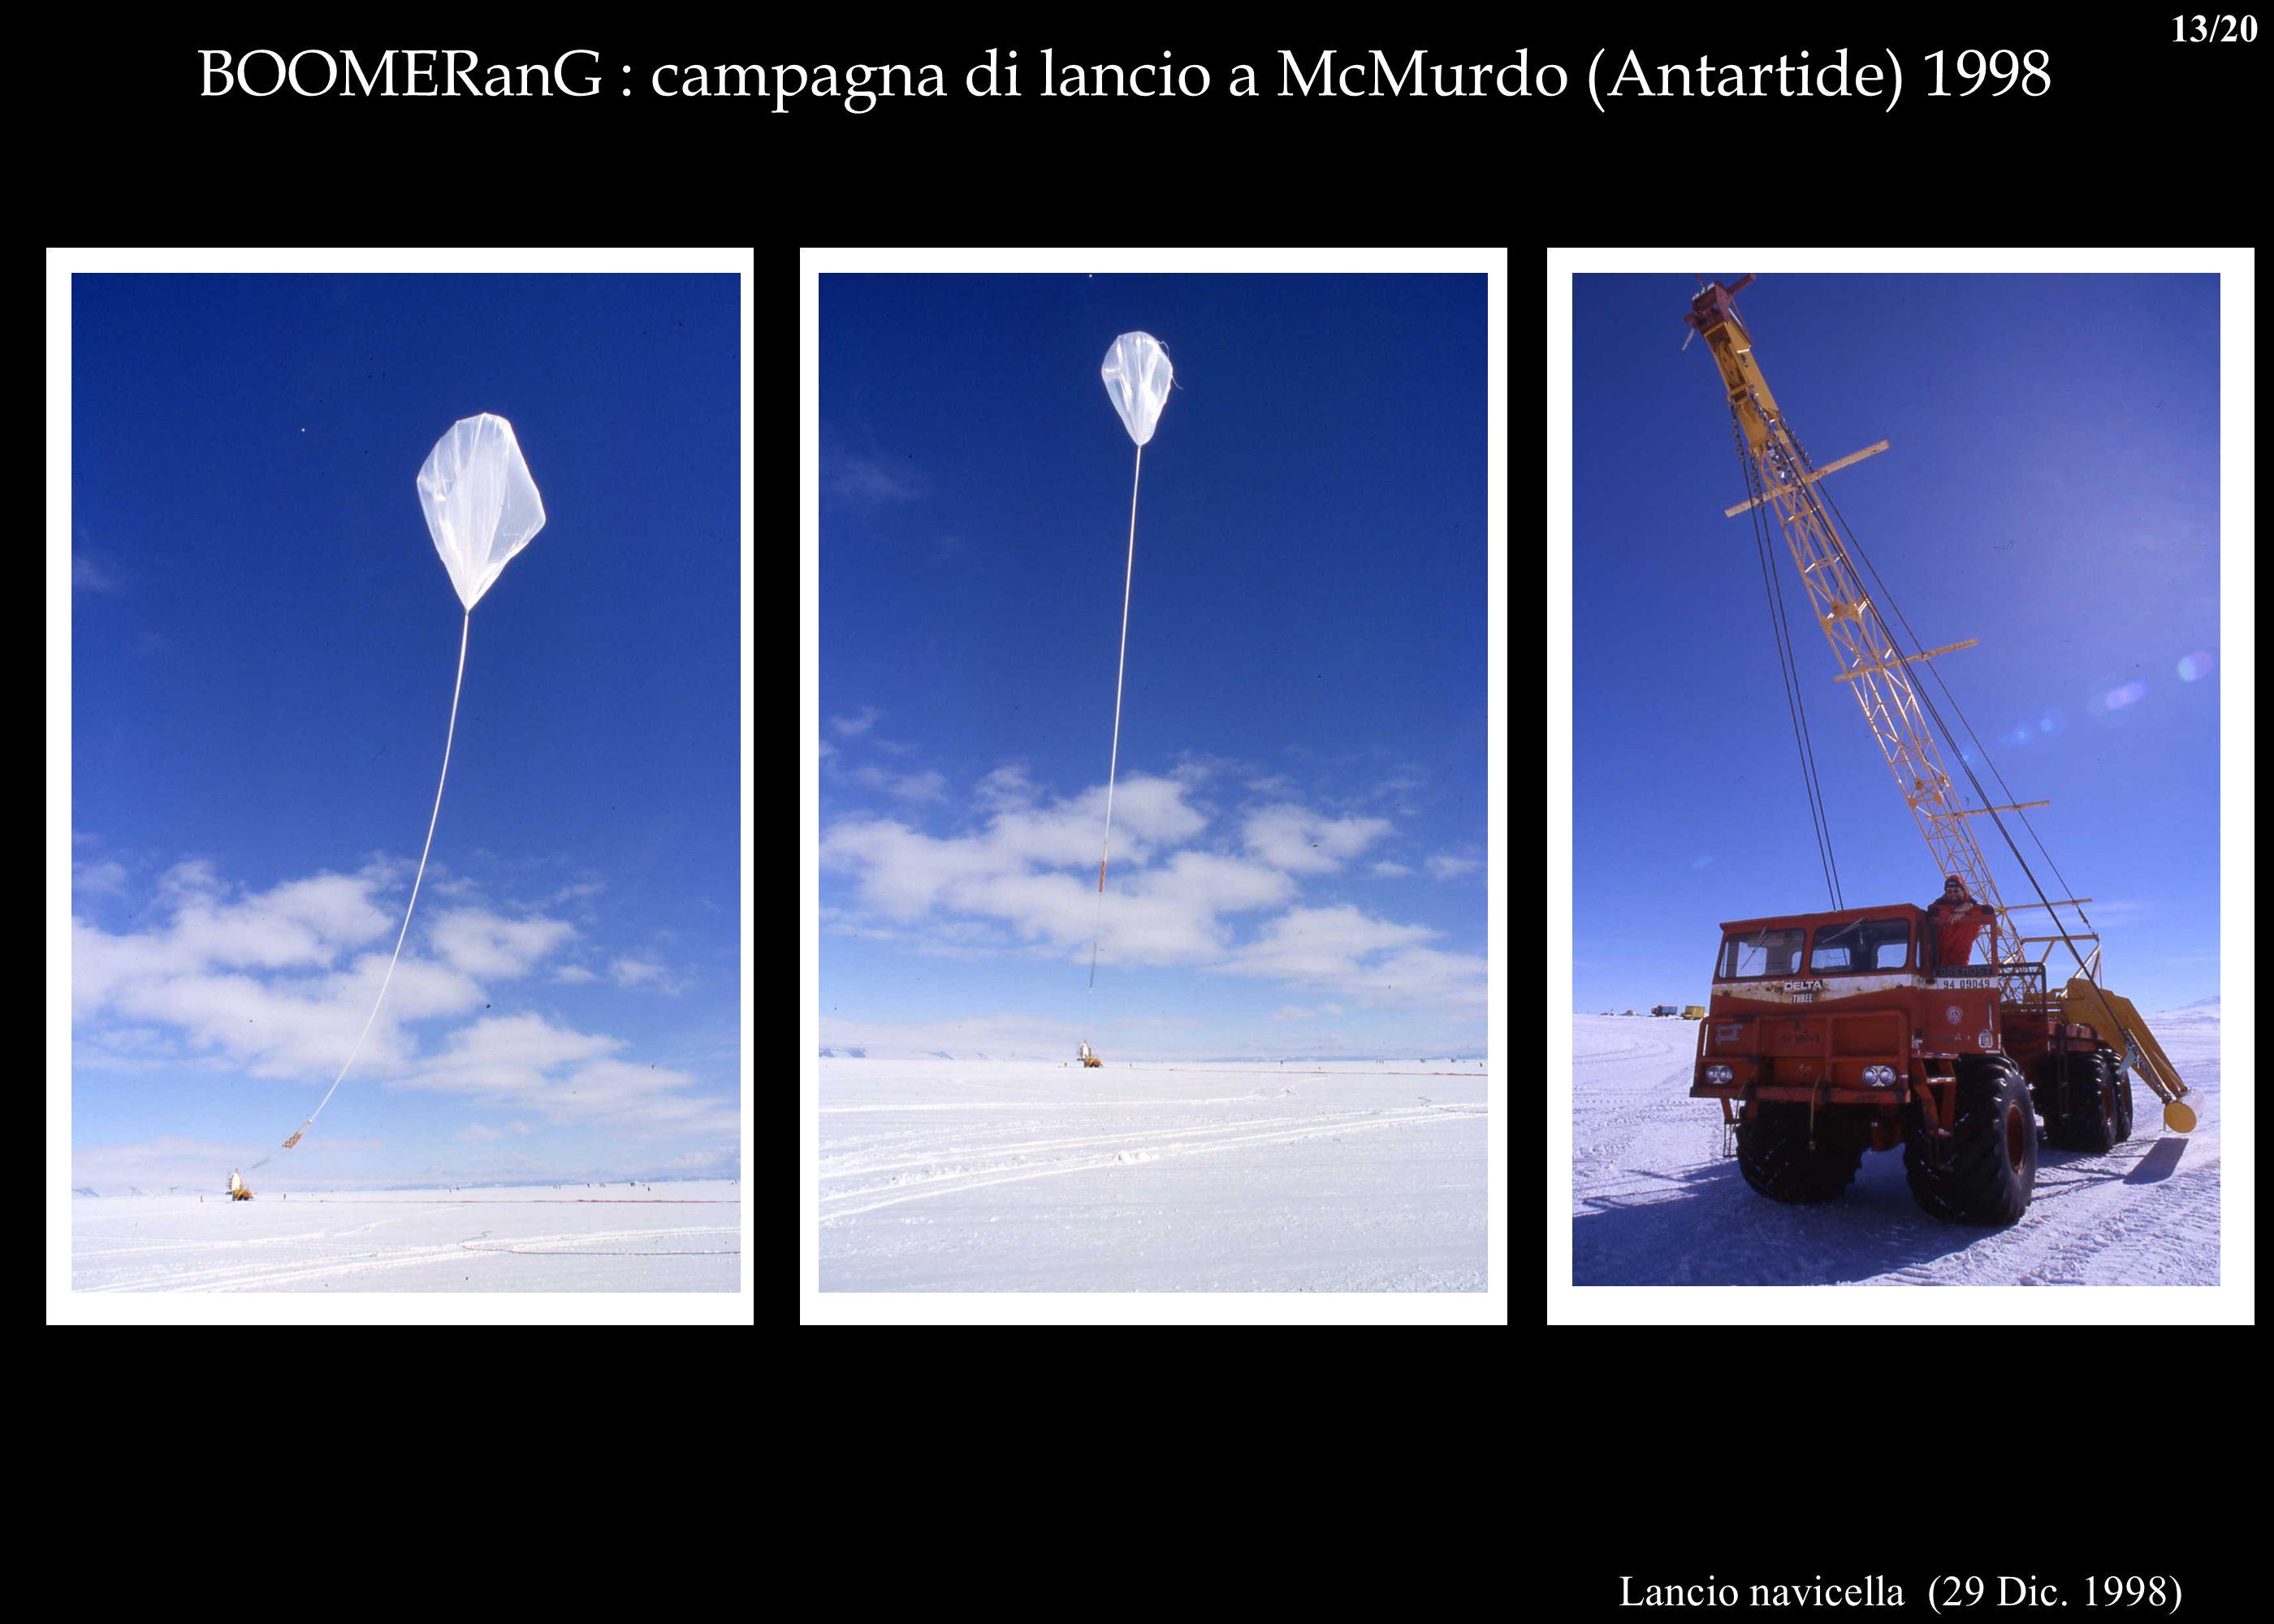 BOOMERanG : campagna di lancio a McMurdo (Antartide) 1998 Lancio navicella (29 Dic. 1998) 13/20